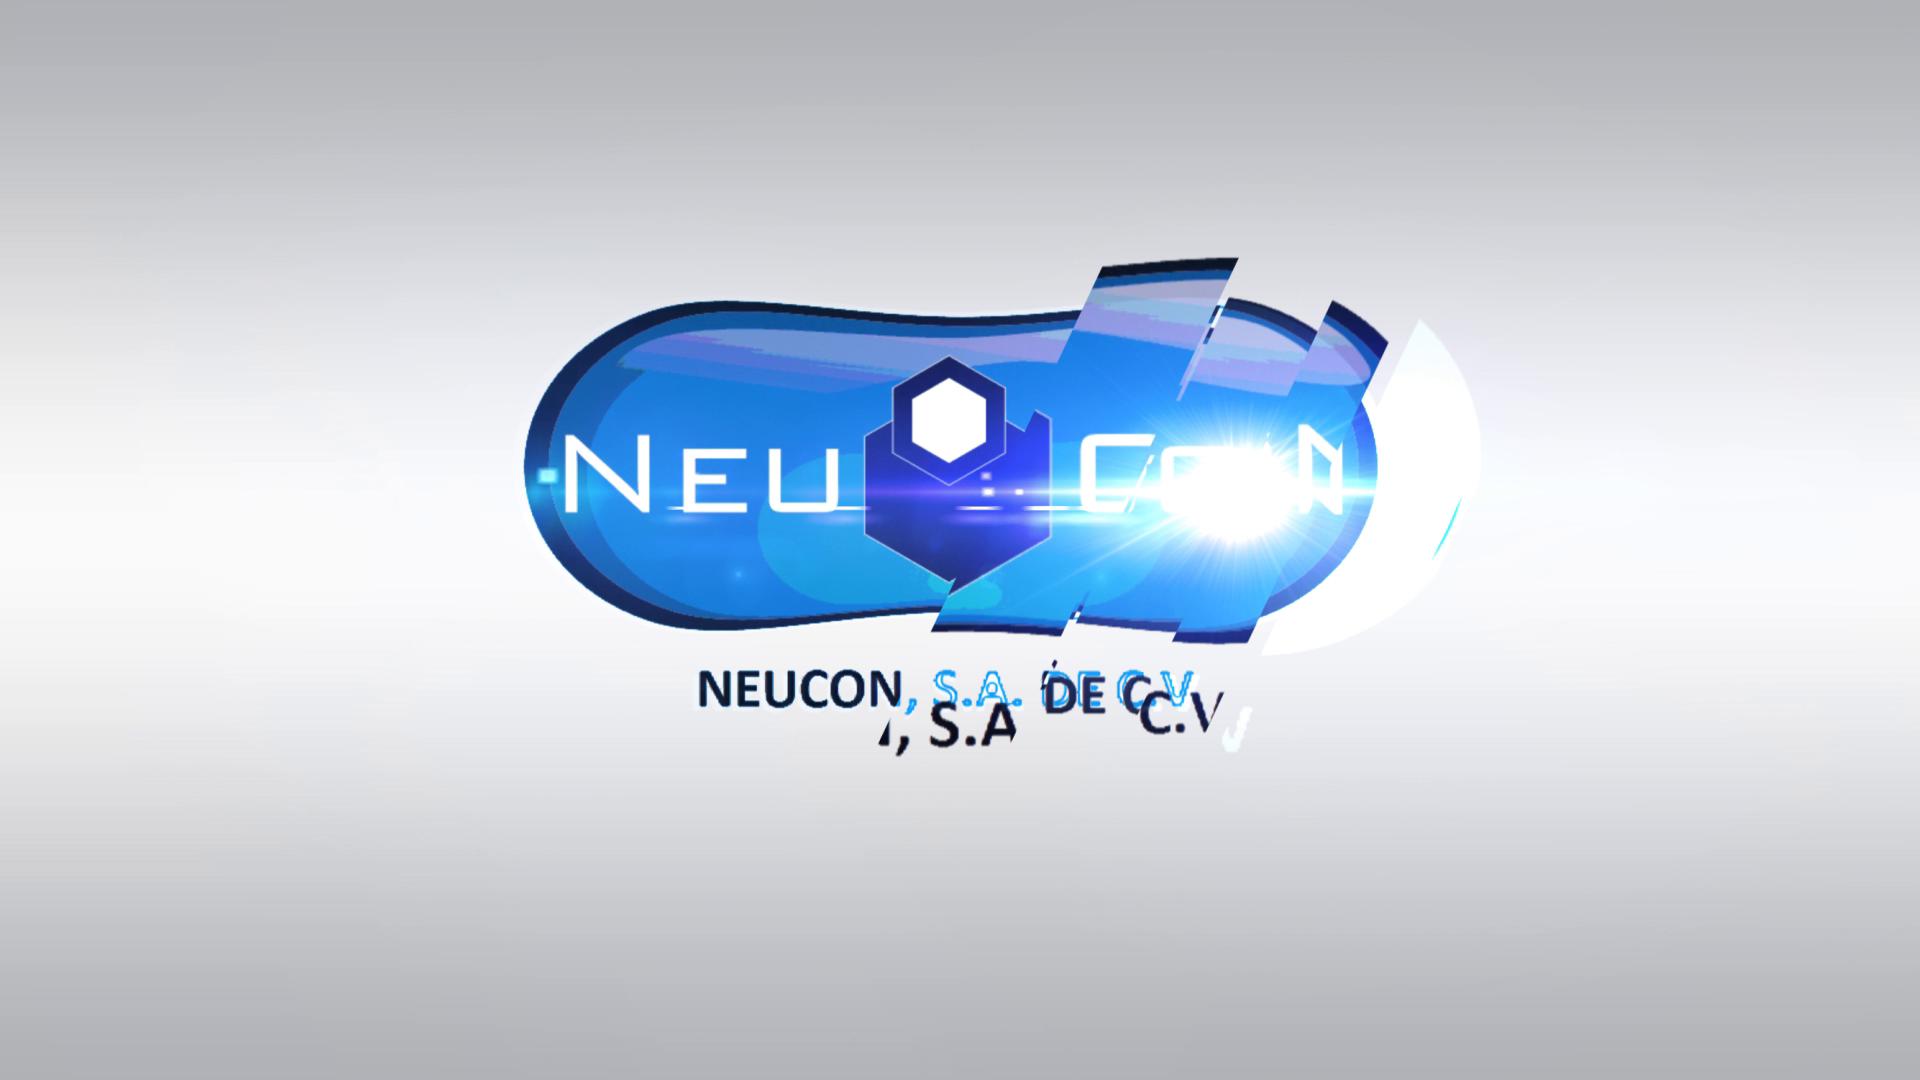 Neucon - Venta de equipo eléctrico y neumático